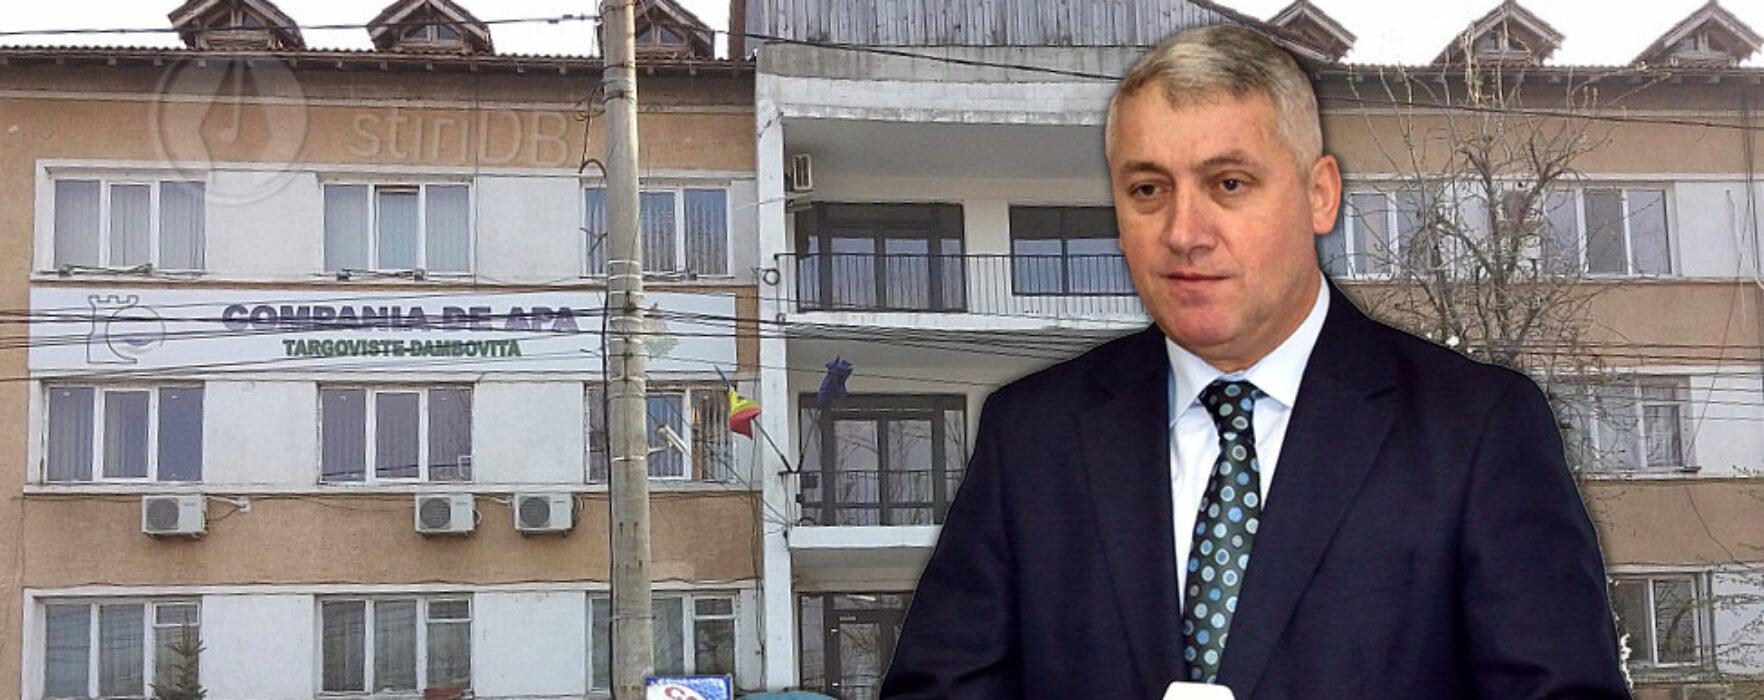 Adrian Ţuţuianu: Vor fi restructurări la Compania de Apă, se va reduce şi numărul directorilor (audio)